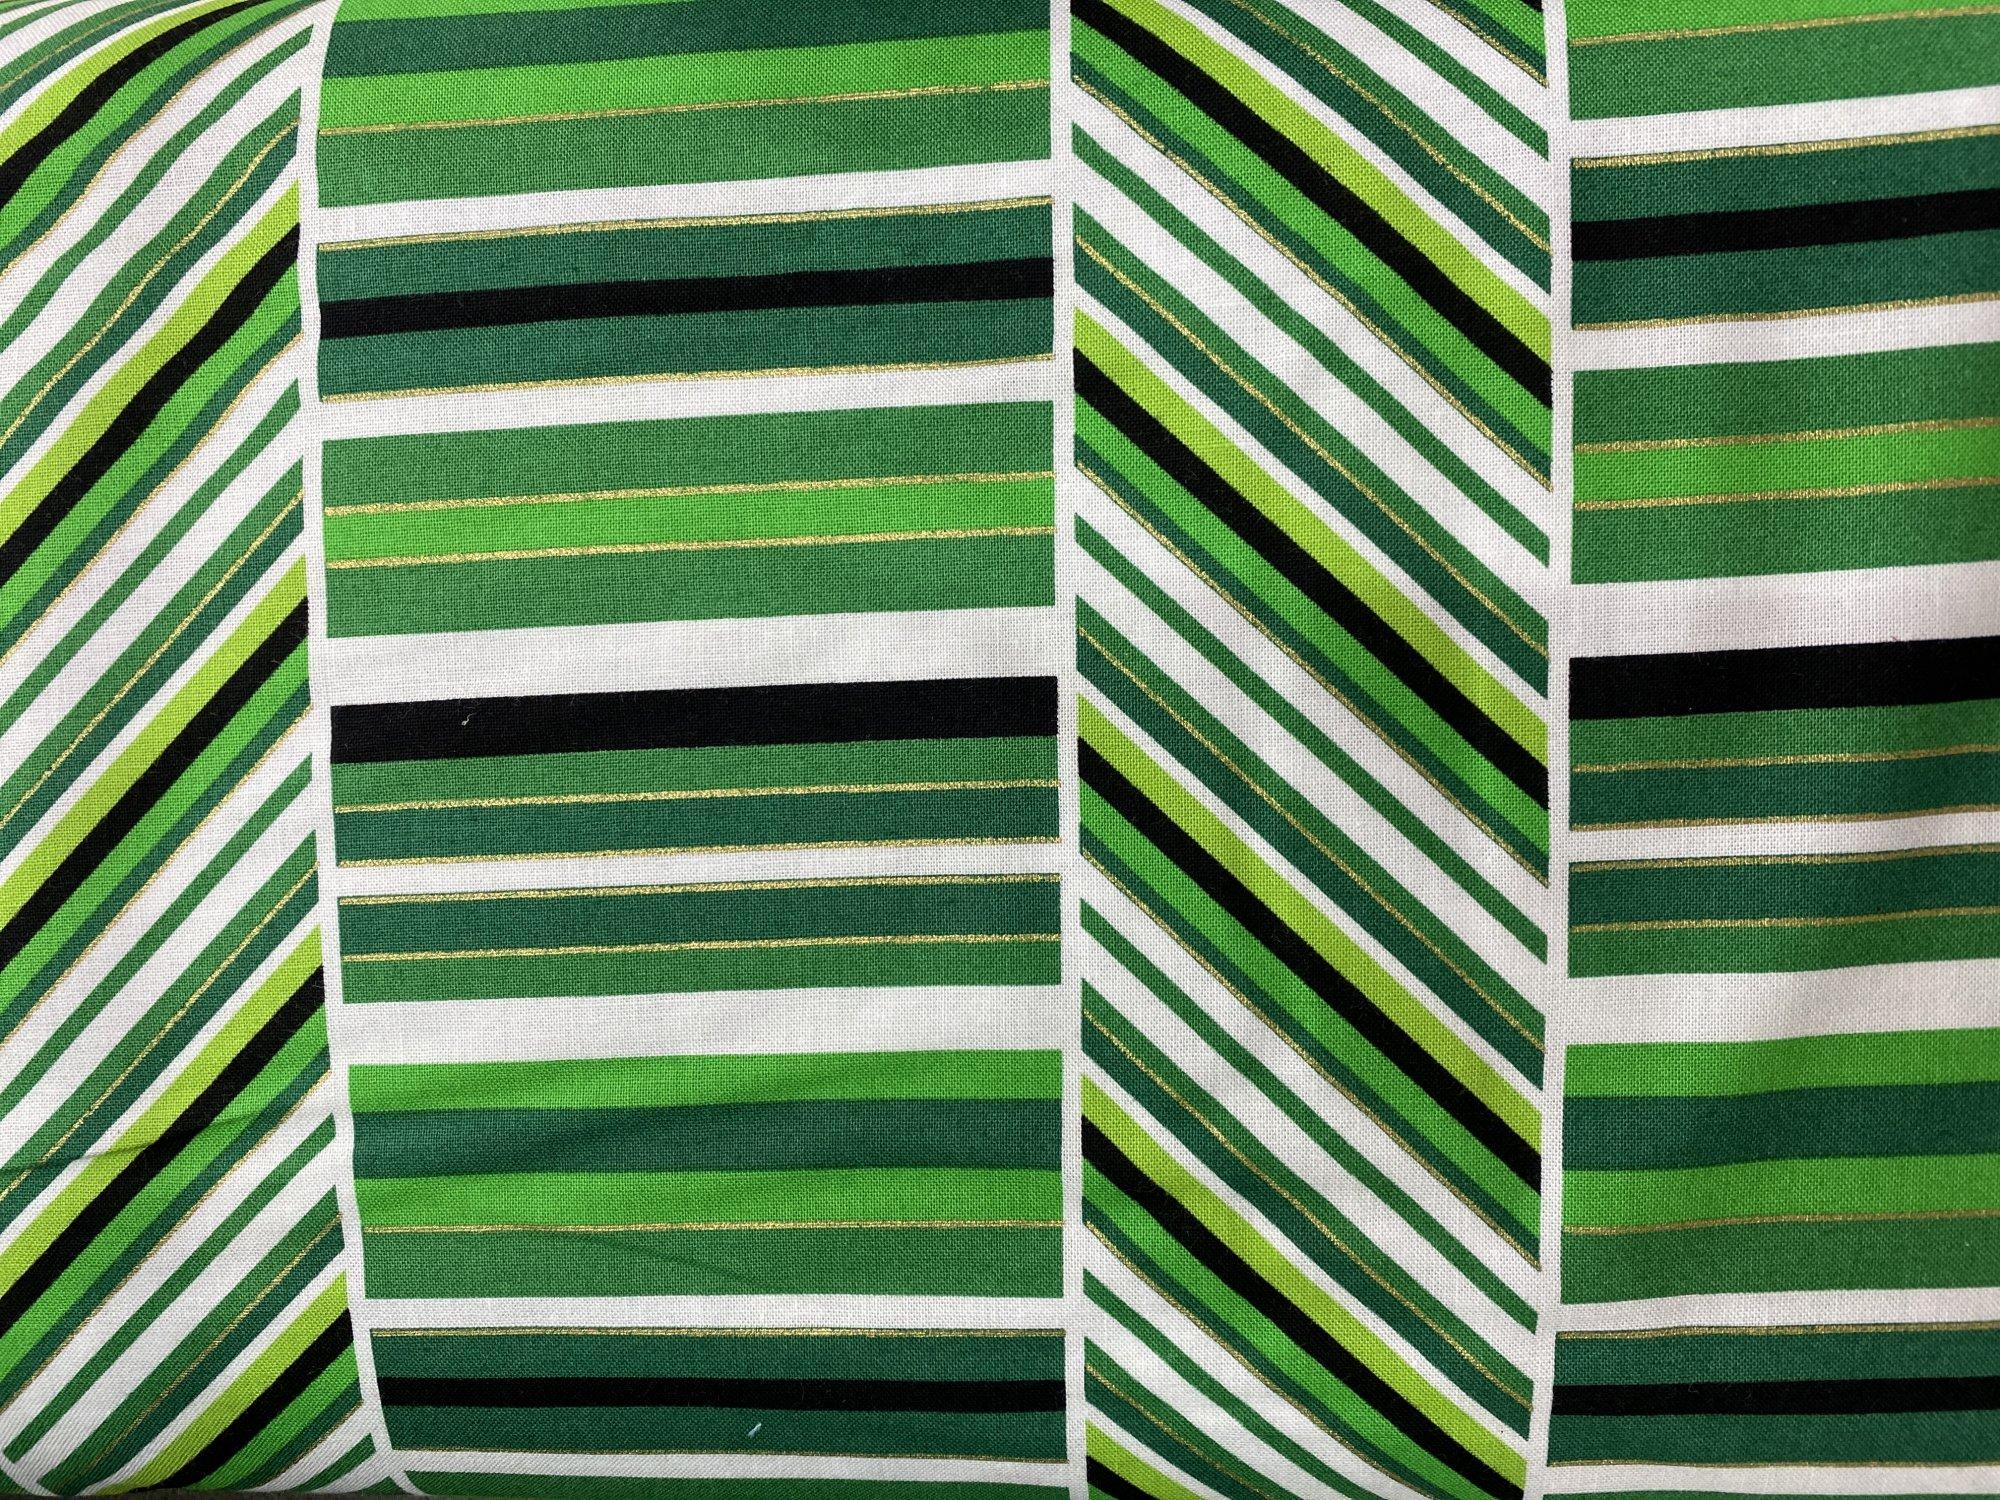 Peppermint stripe green